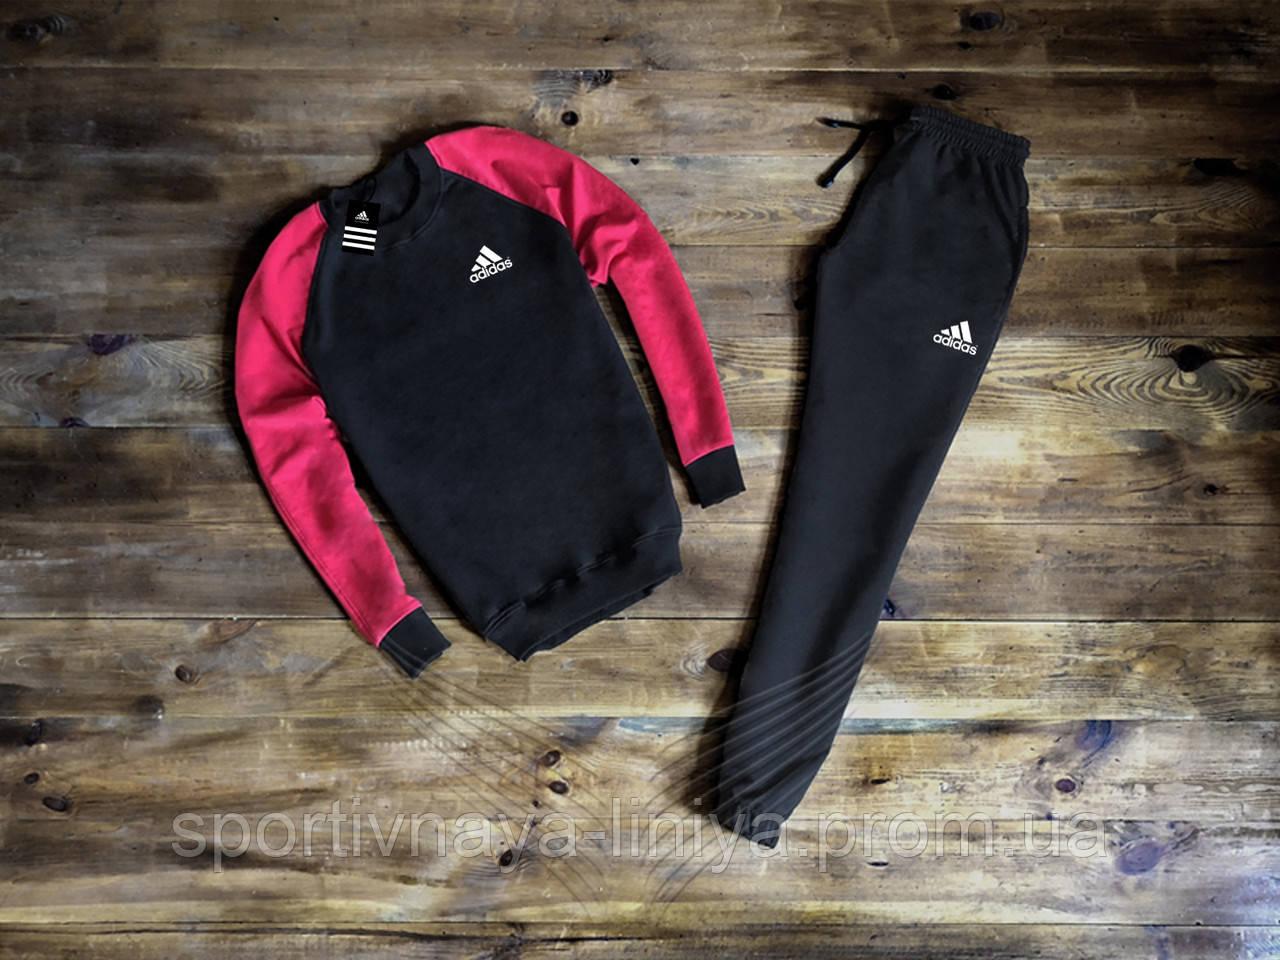 Костюм спортивный мужской Adidas реплика